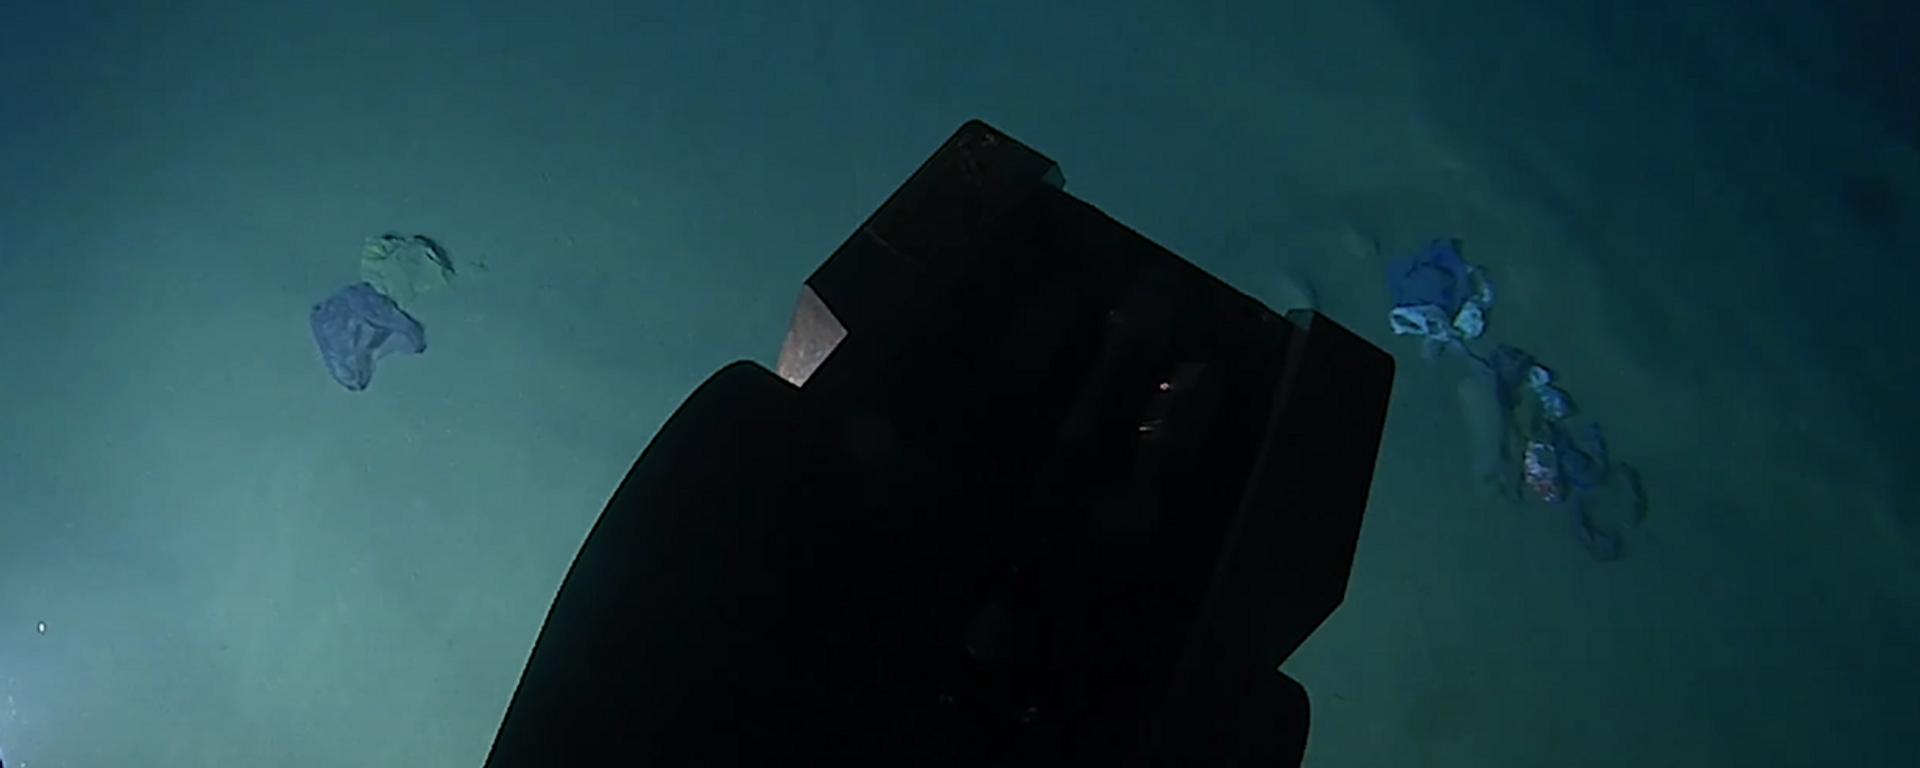 Bolsas y plástico en la tercera fosa marina más profunda del mundo - Sputnik Mundo, 1920, 01.06.2021